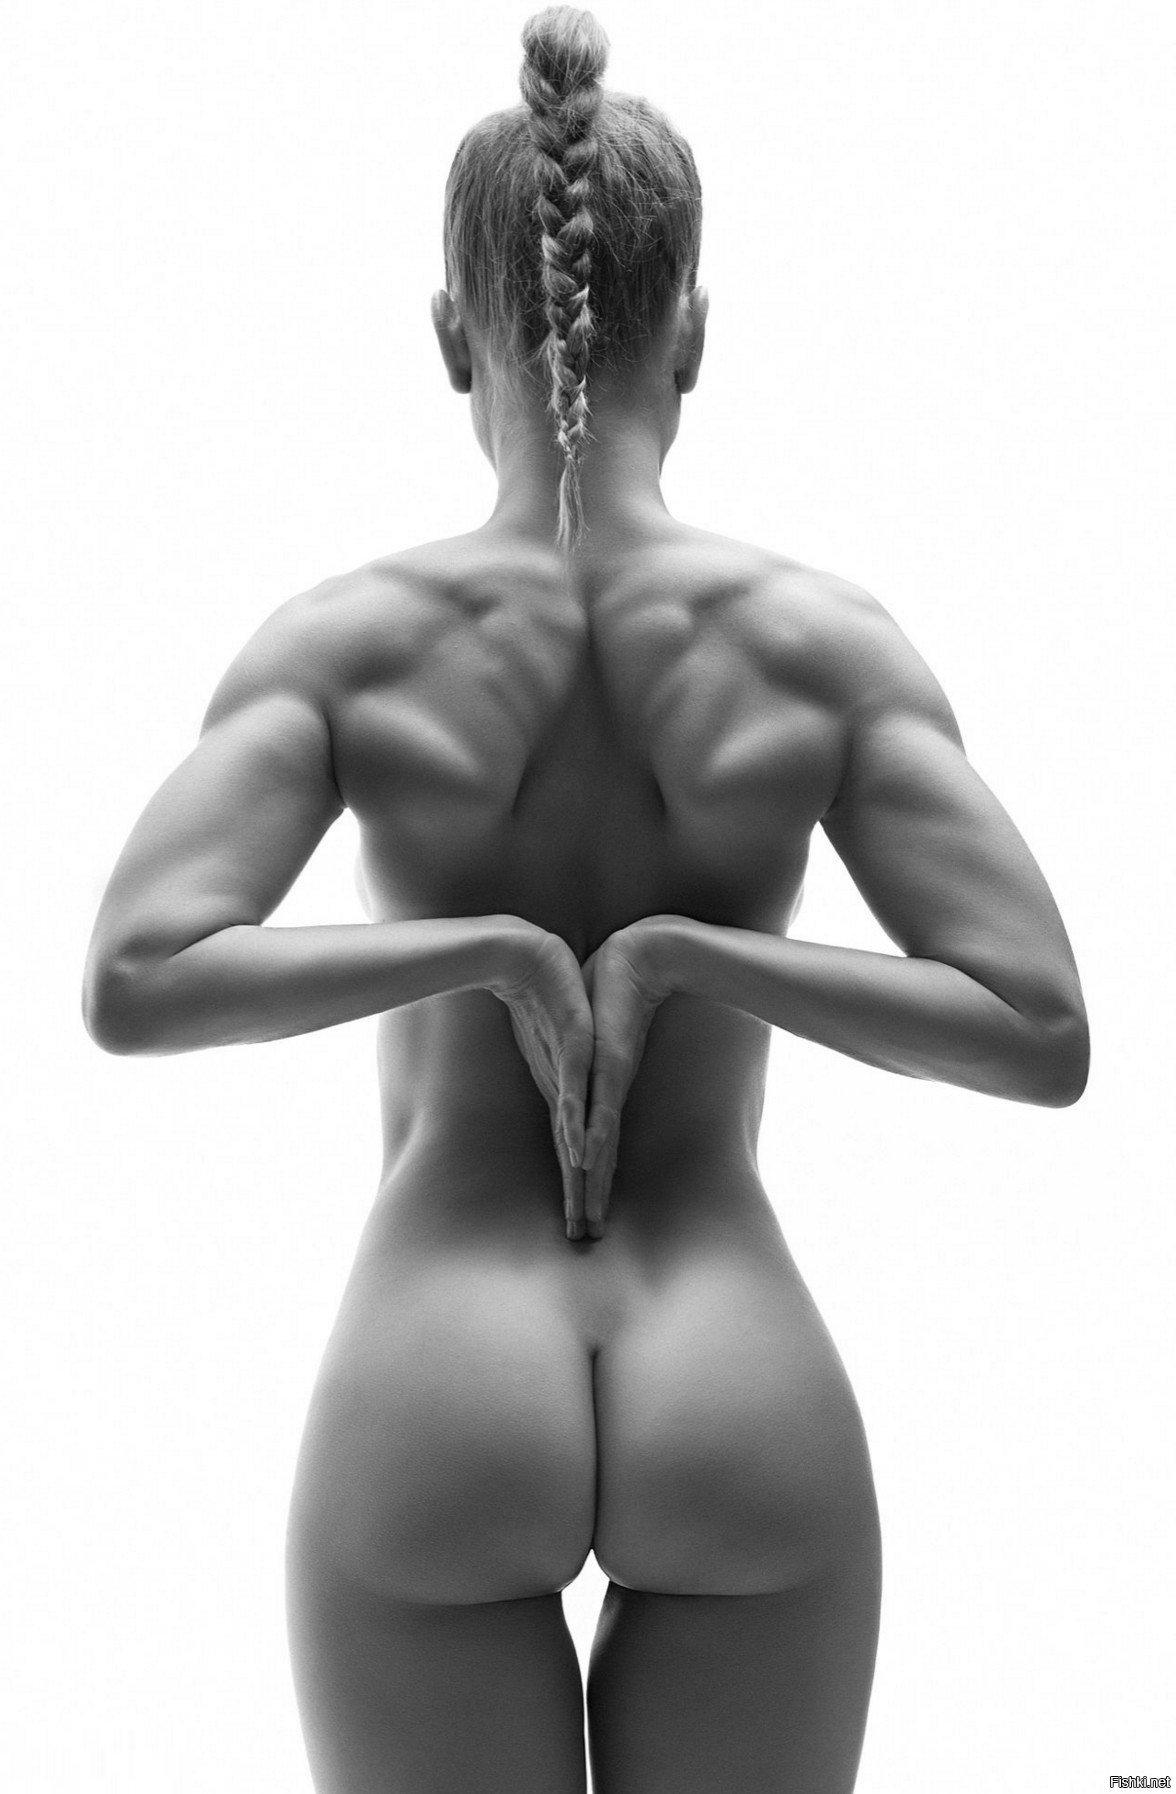 Nude Male Models Fron Rear